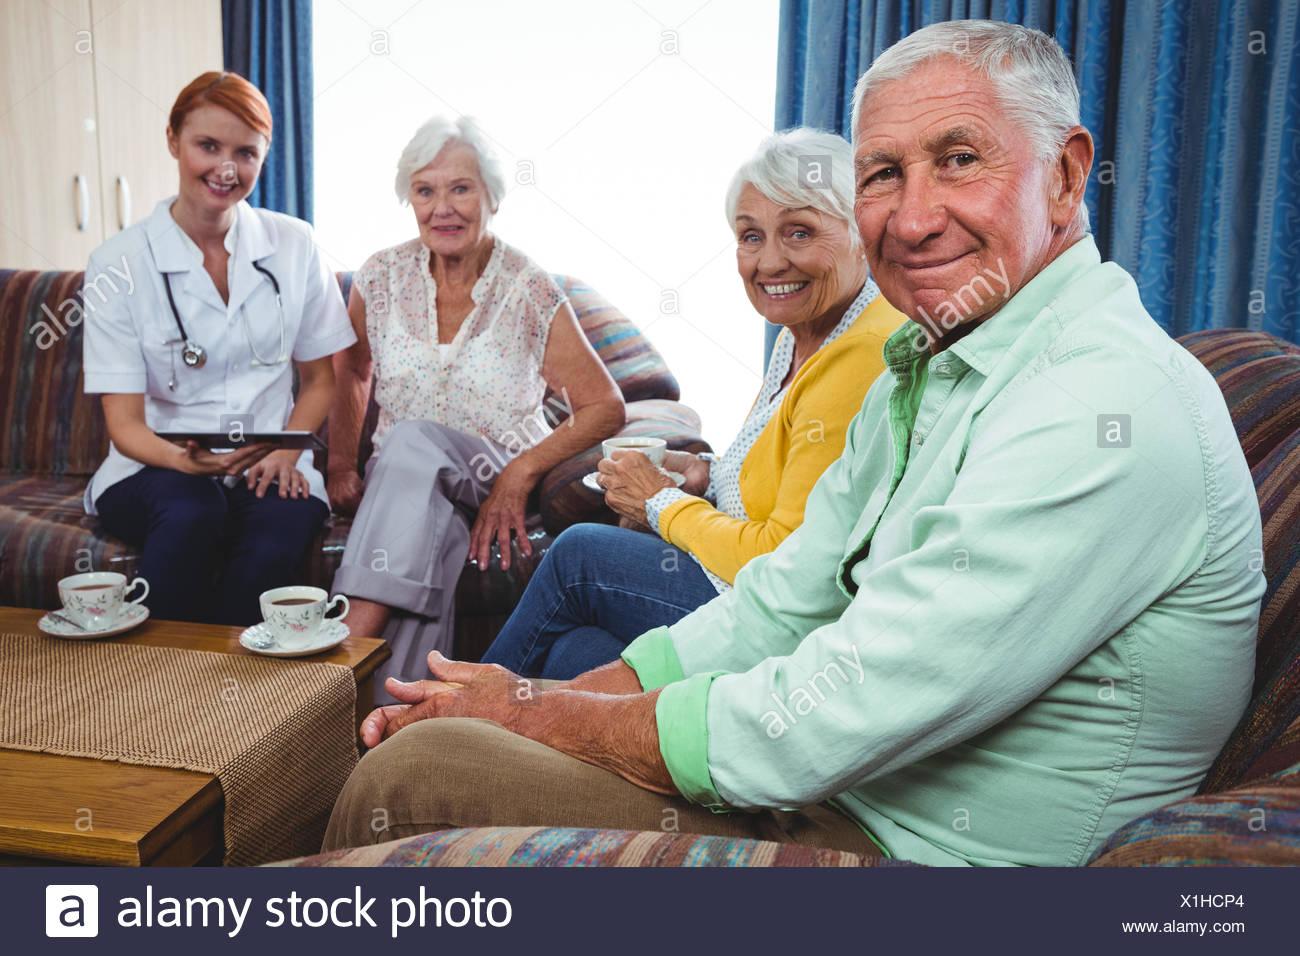 Retrato de sonriente jubilado mirando la cámara Imagen De Stock